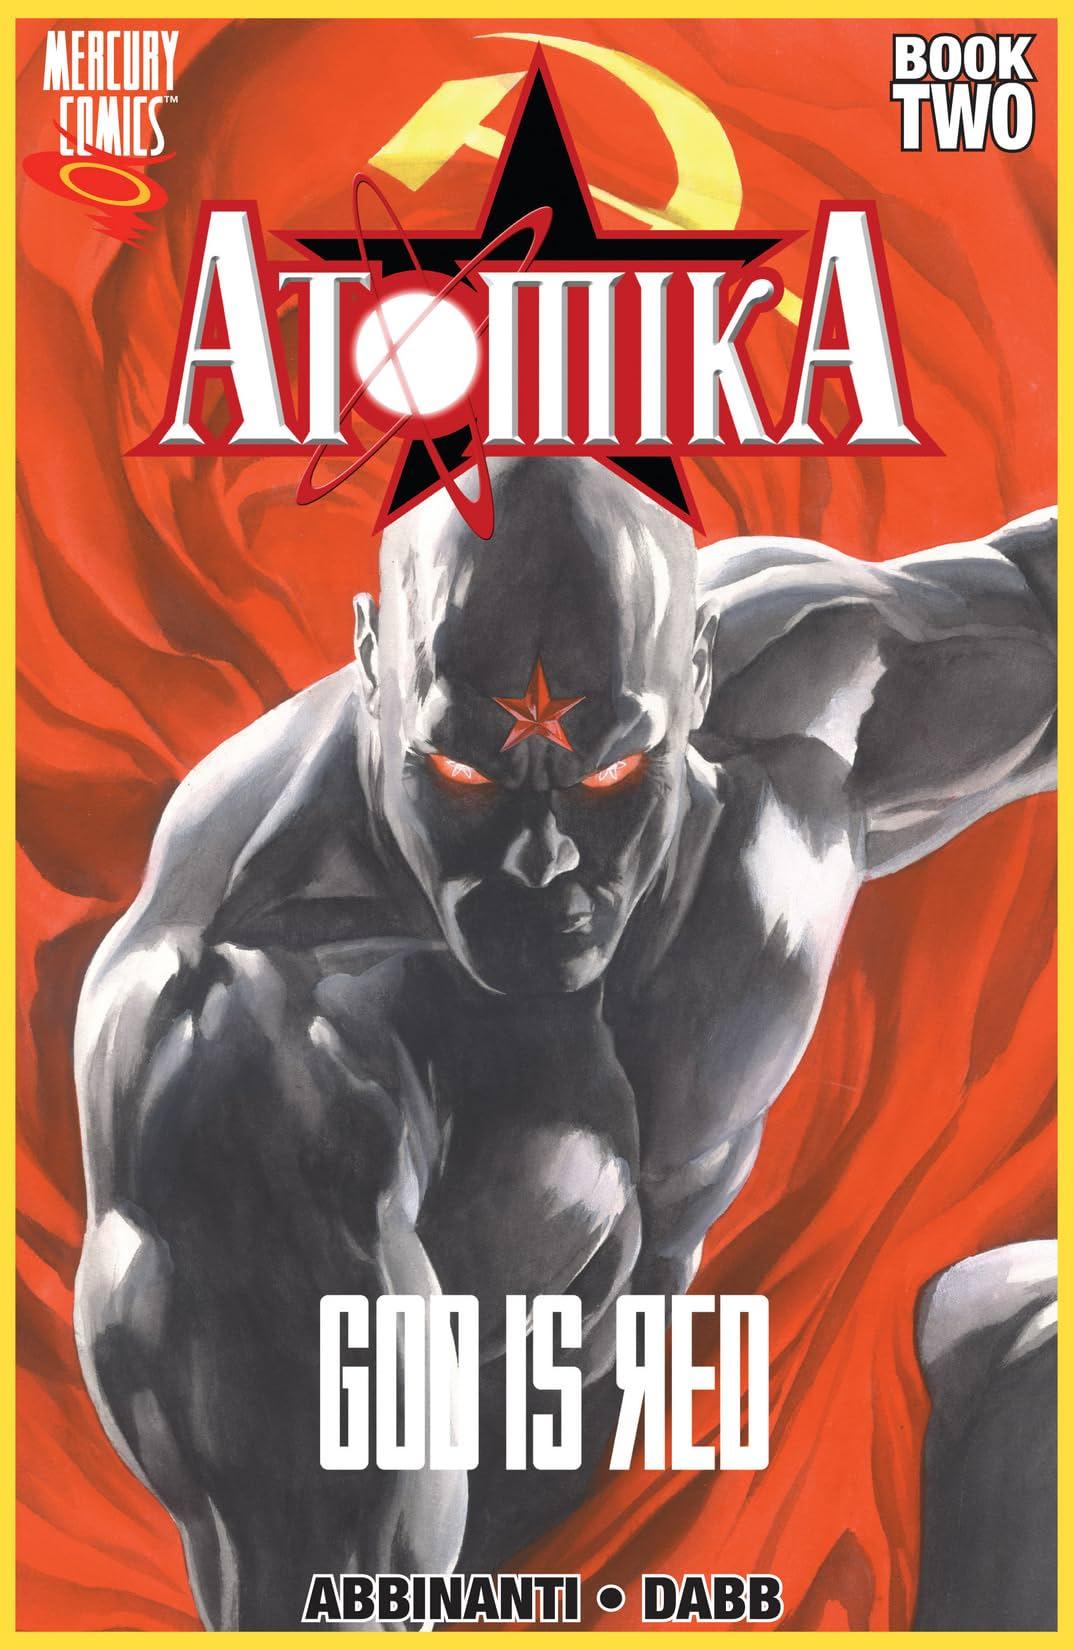 Atomika Vol. 2